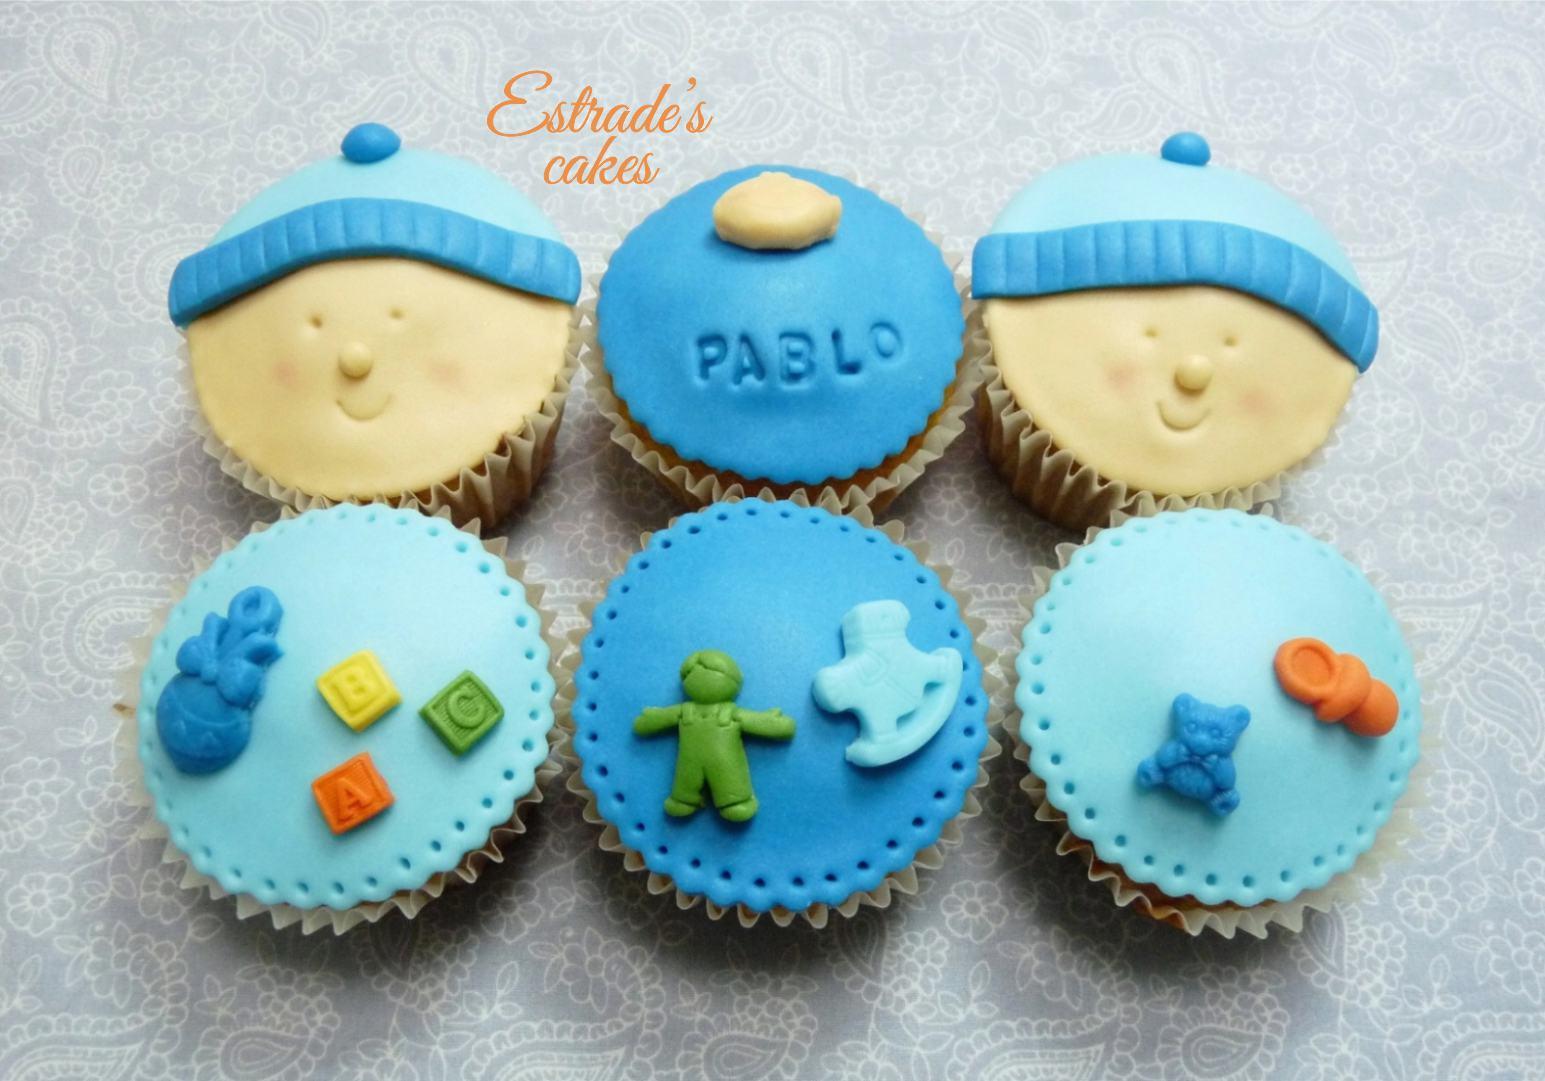 cupcakes para bebé con fondant 2 - 1